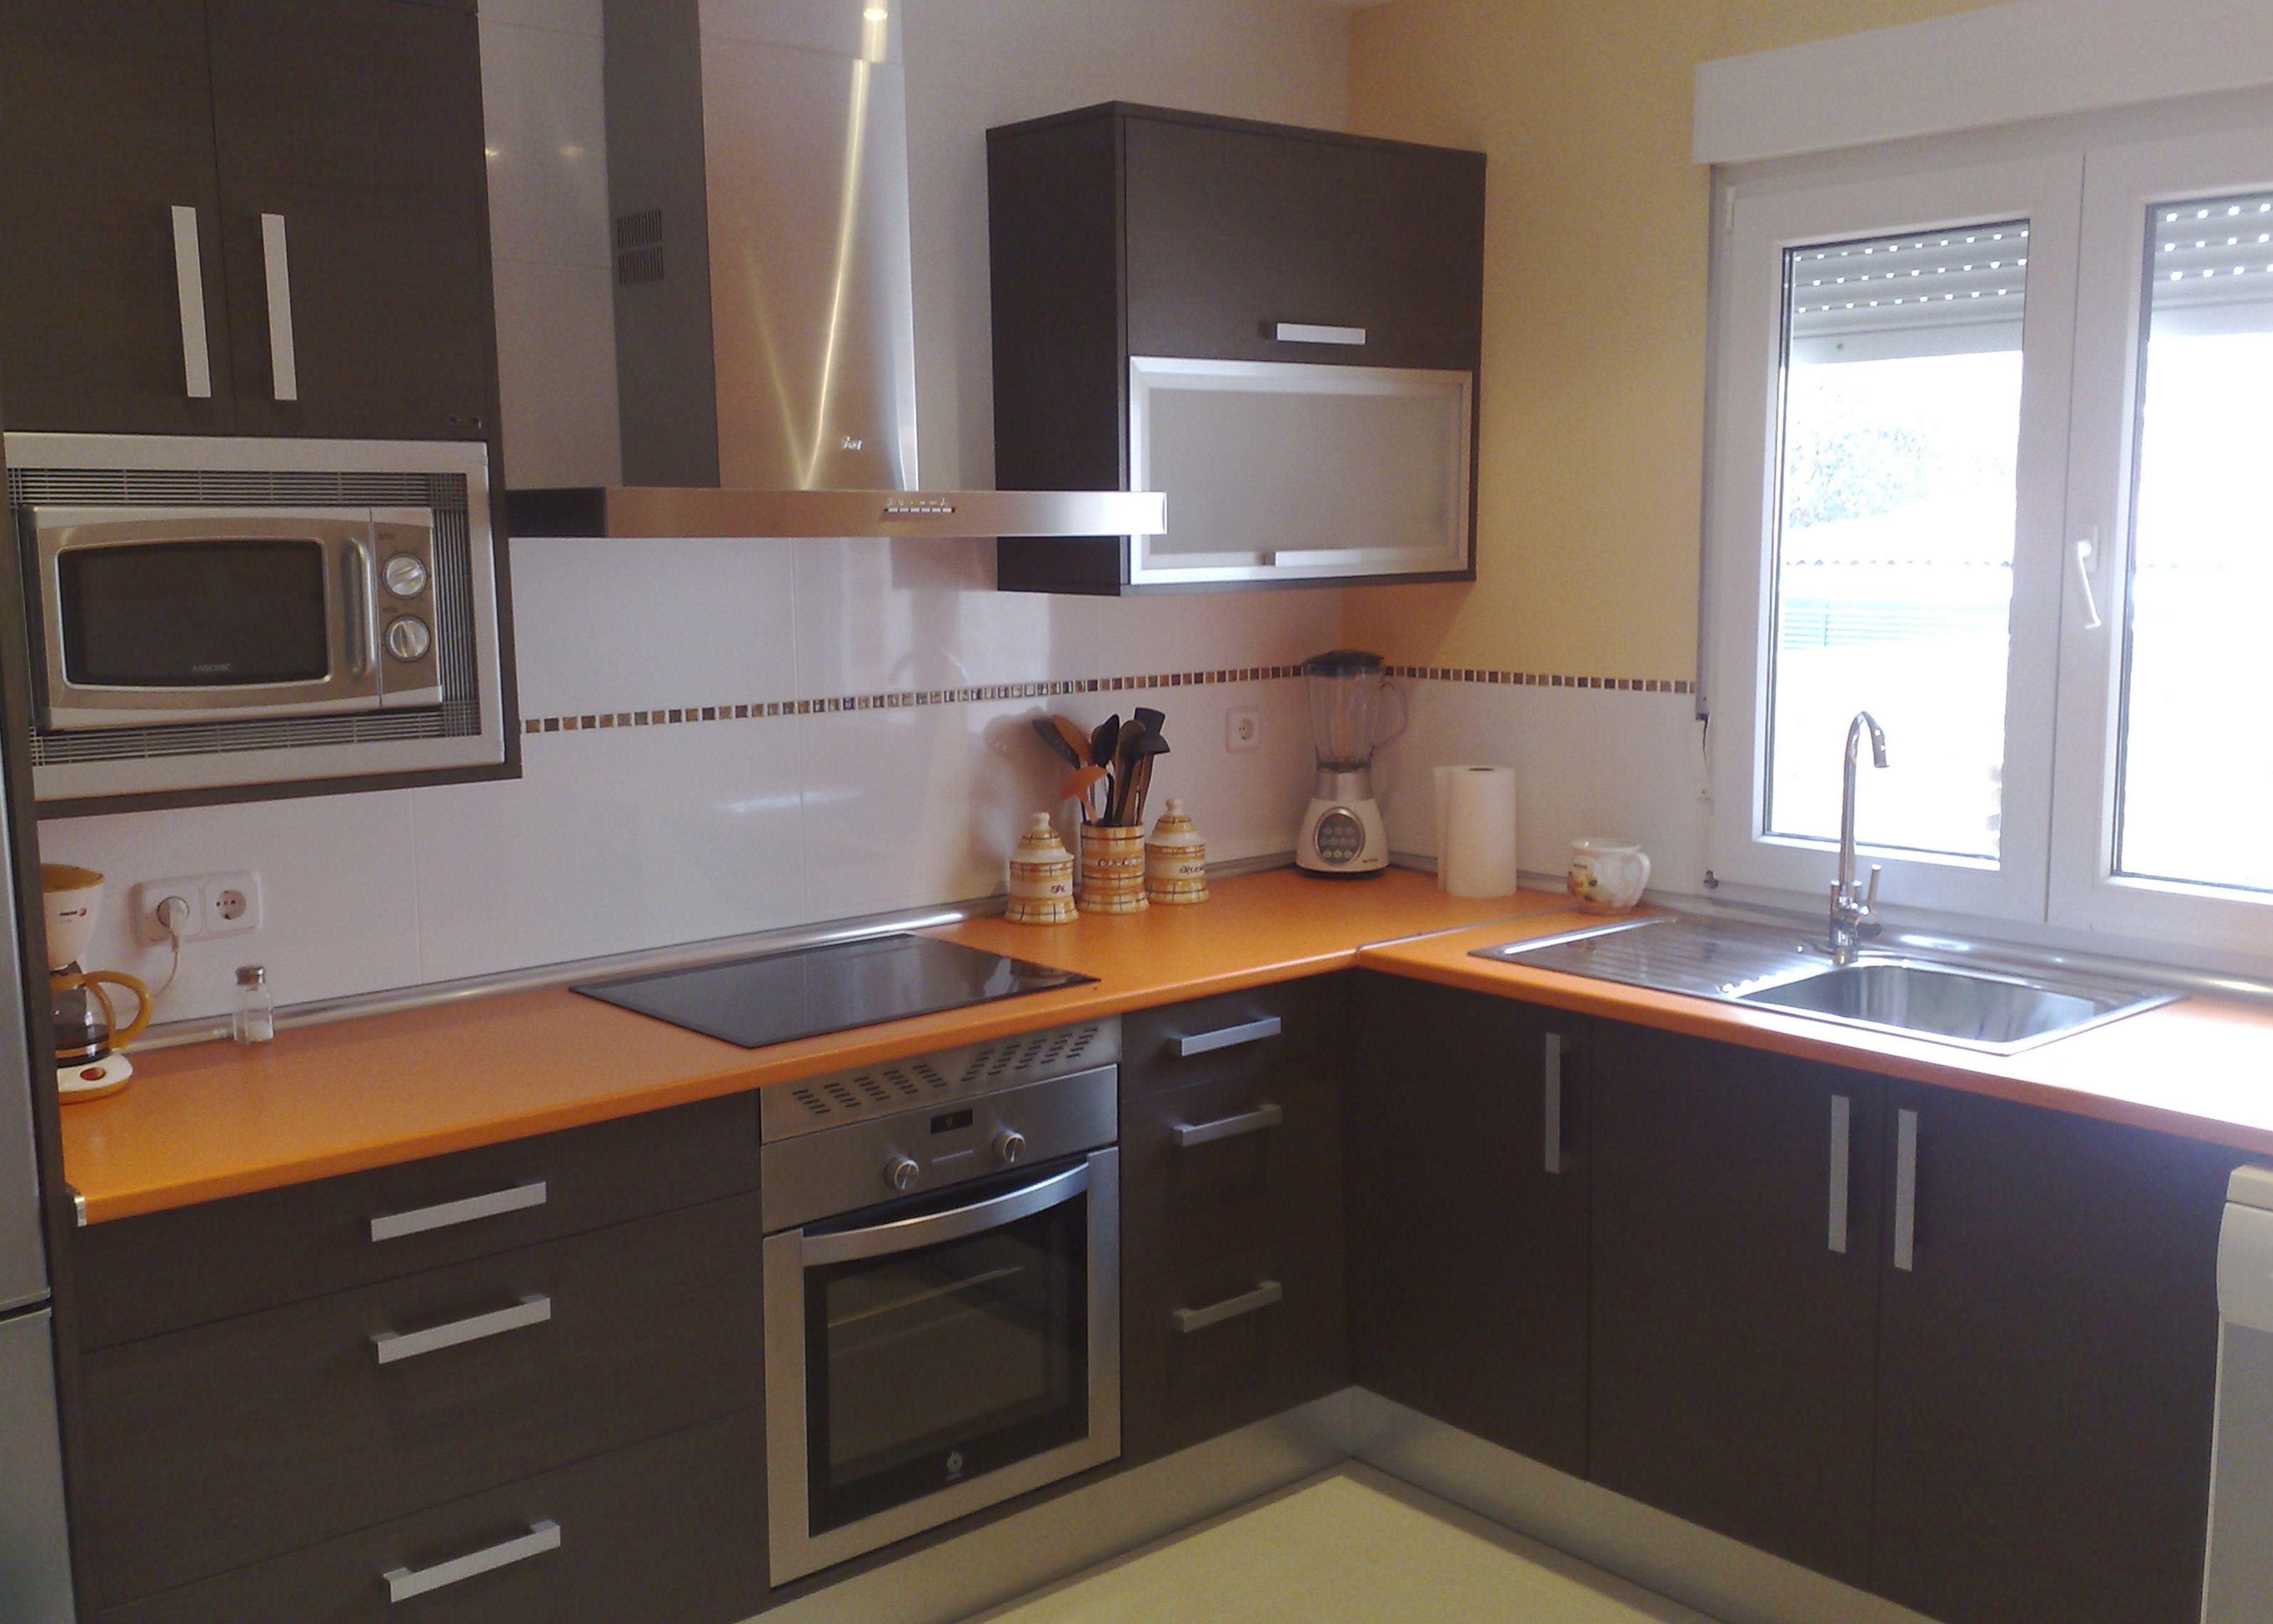 Formicas comercial alcazaba - Muebles de cocina de formica ...